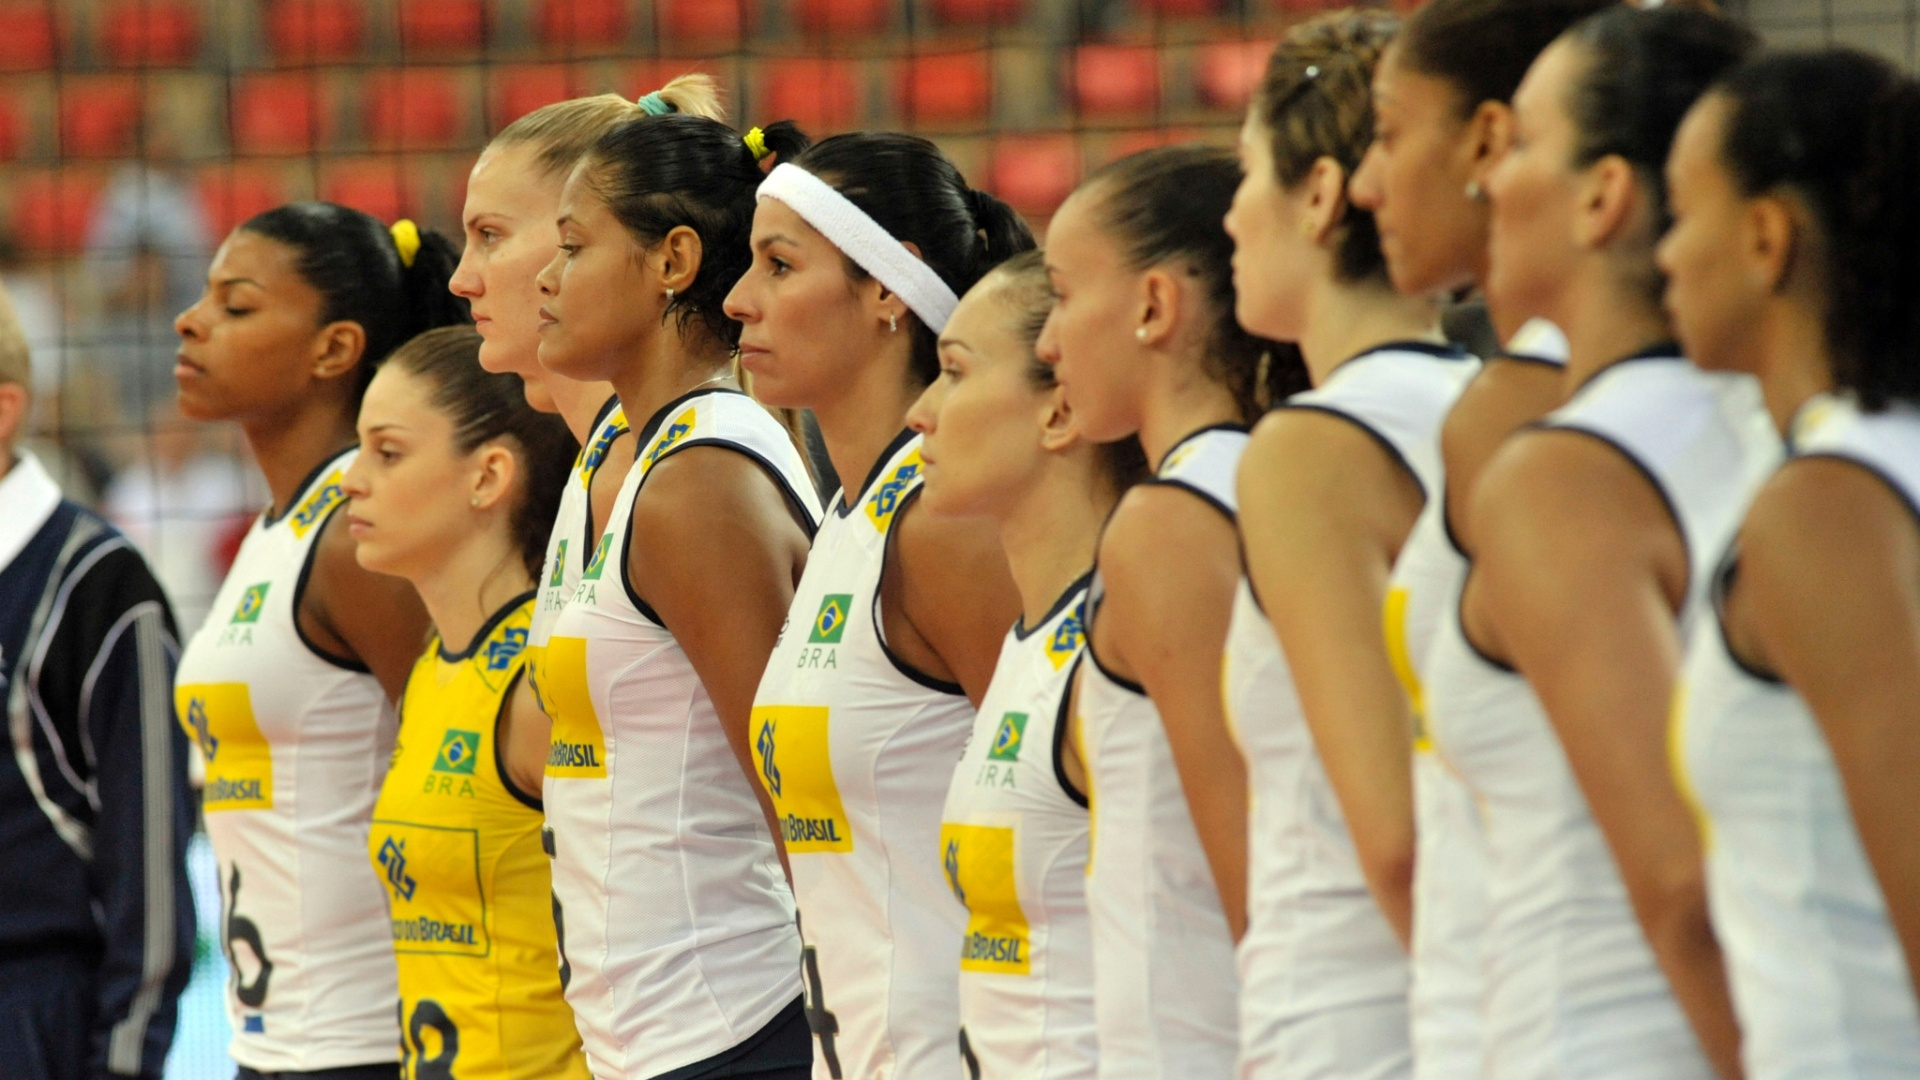 Jogadoras brasileiras perfiladas antes do confronto contra a Sérvia pelo Grand Prix